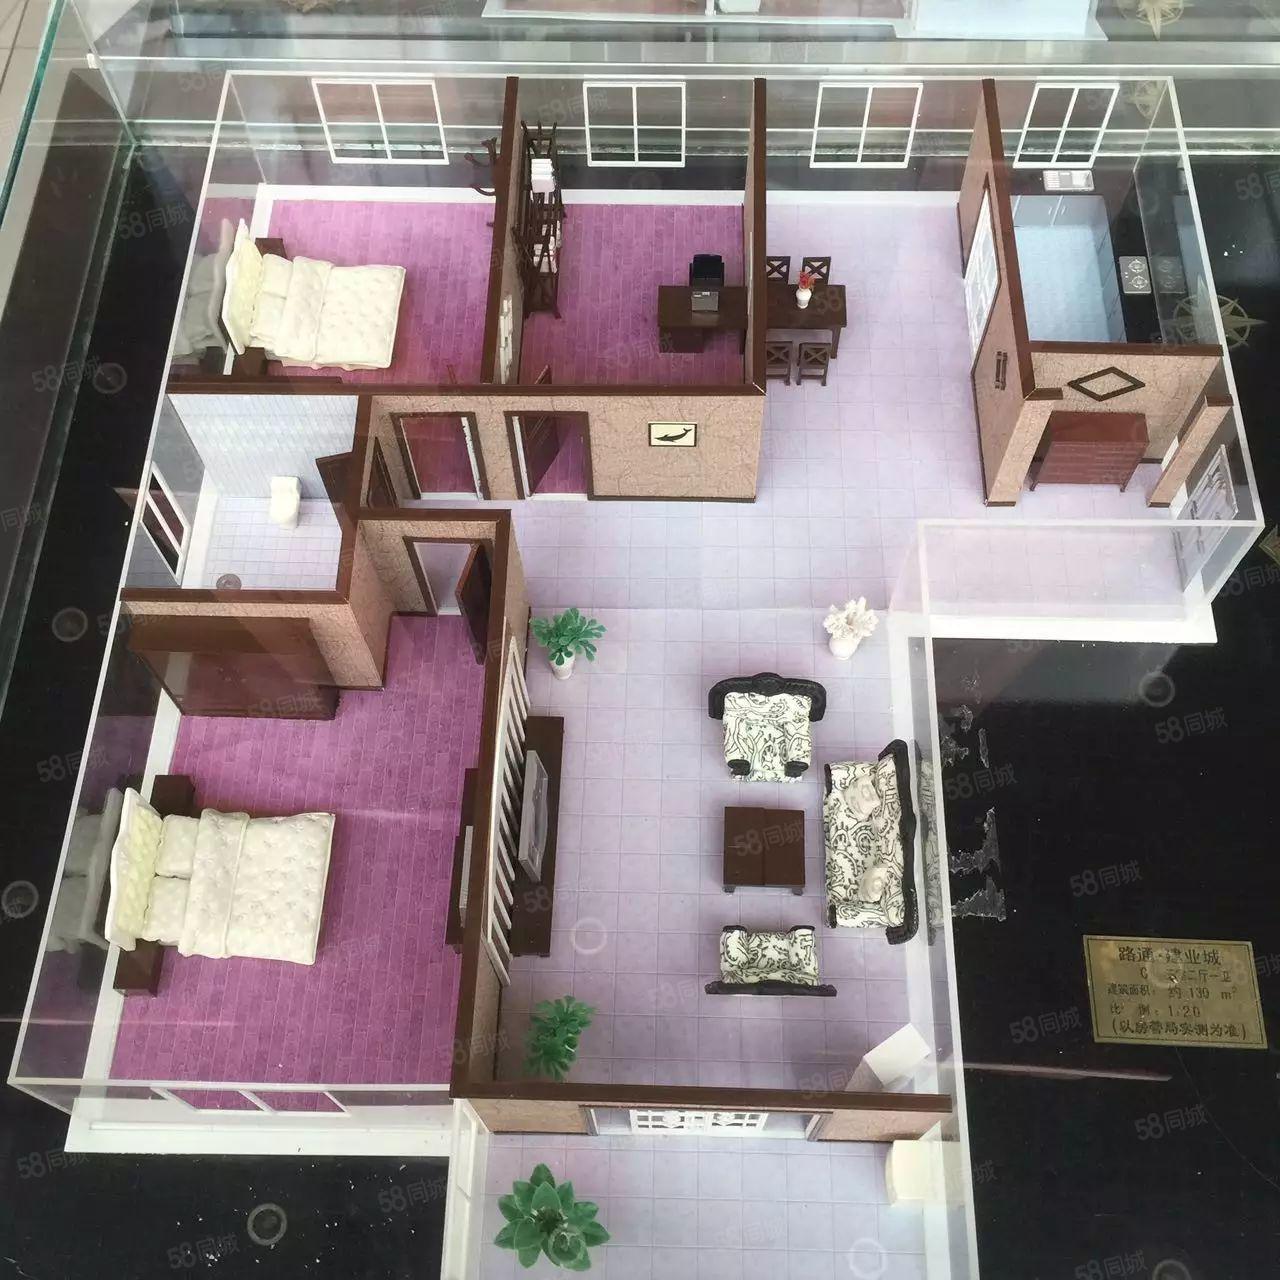 10图飞机场地铁口新房团购路通建业城2室3室任选